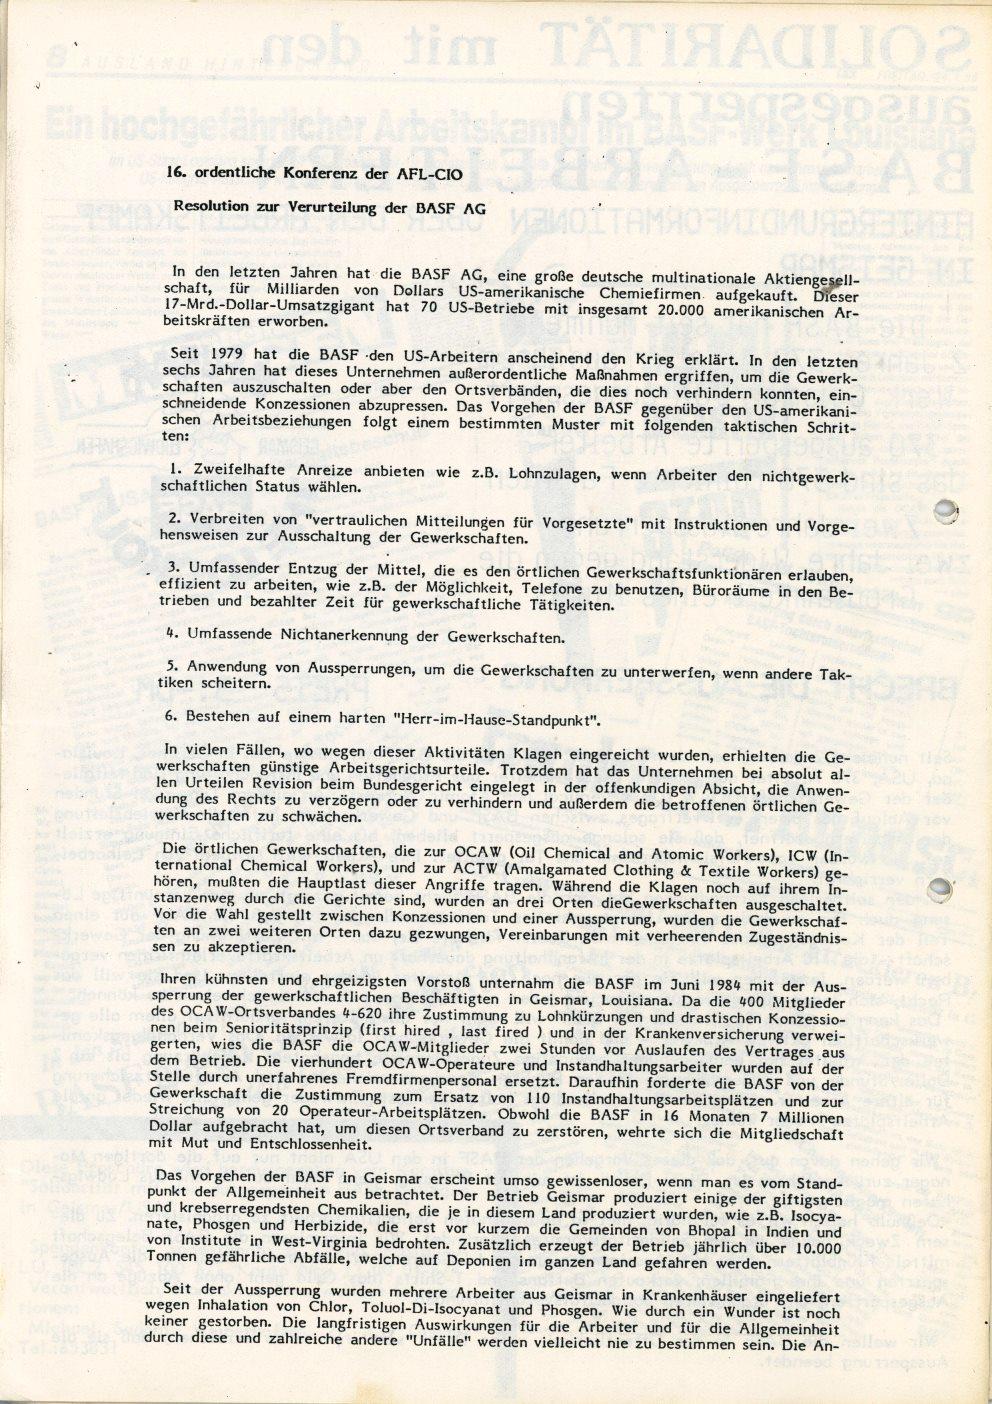 USA_BASF_Aussperrung_in_Geismar_1986_2_02